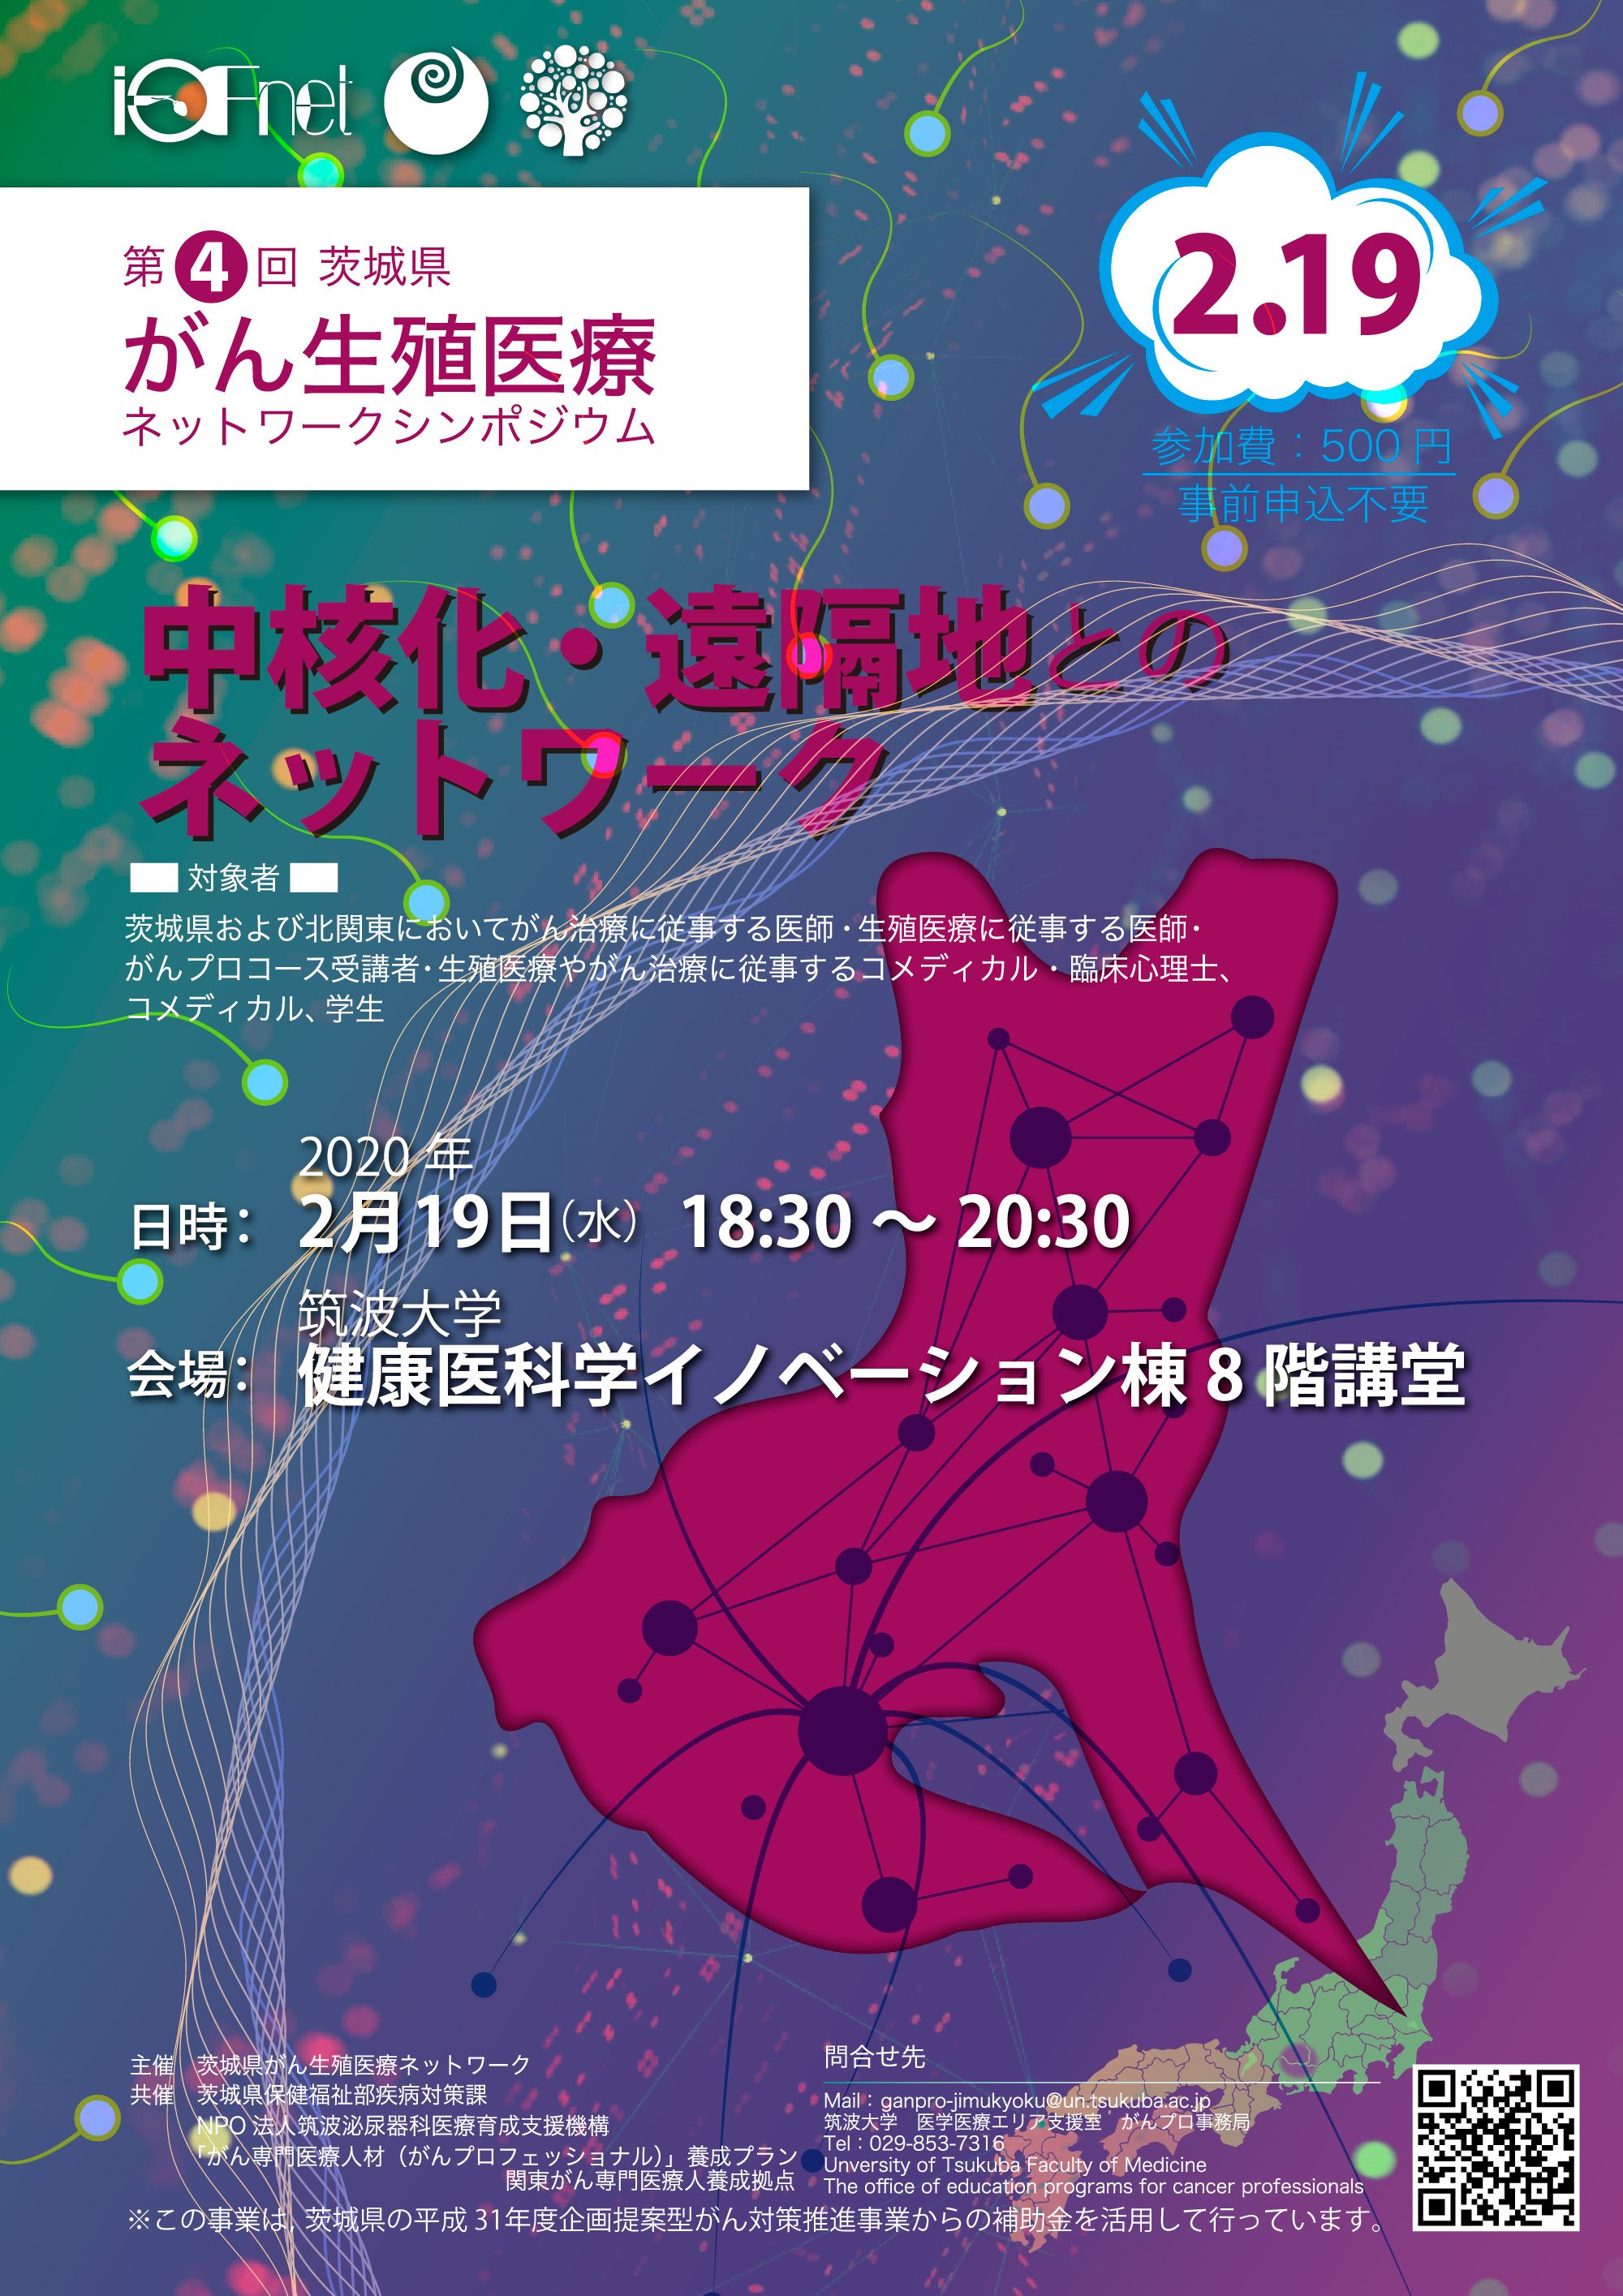 2020.2.19_第4回茨城県がん生殖医療 ネットワークシンポジウムの開催